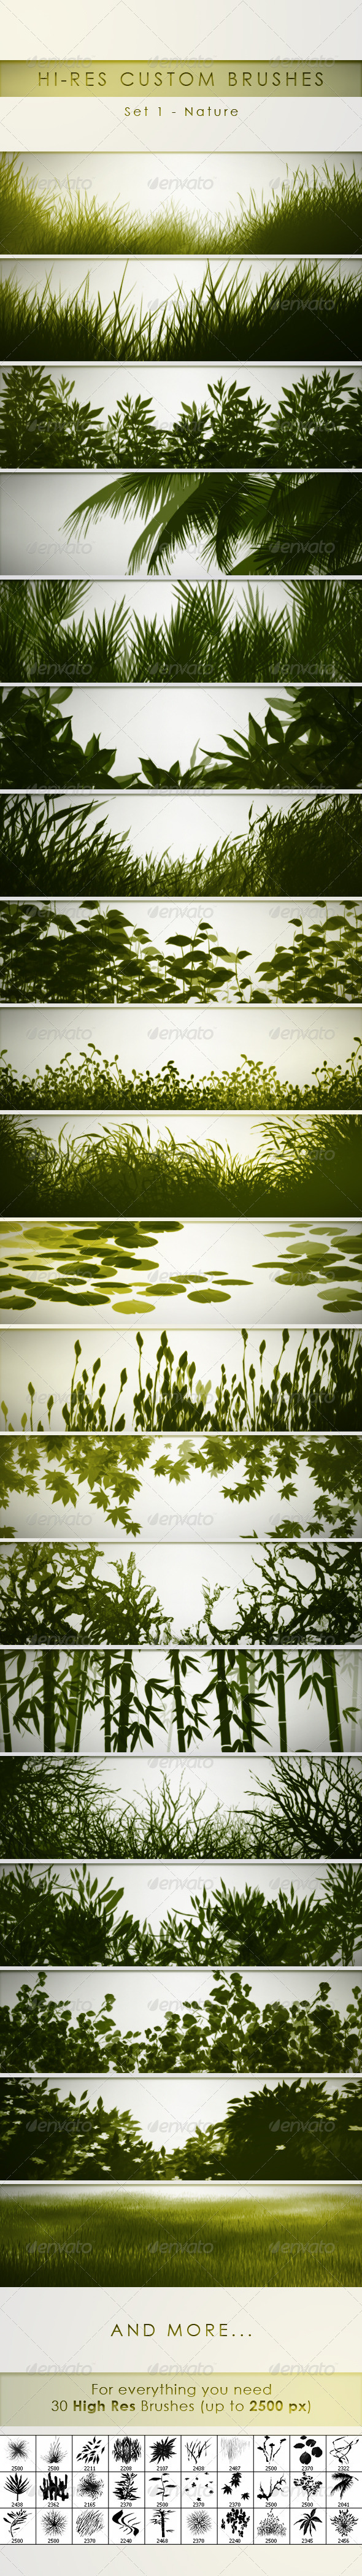 30 Hi-Res Custom Brushes - Nature - Flourishes Brushes